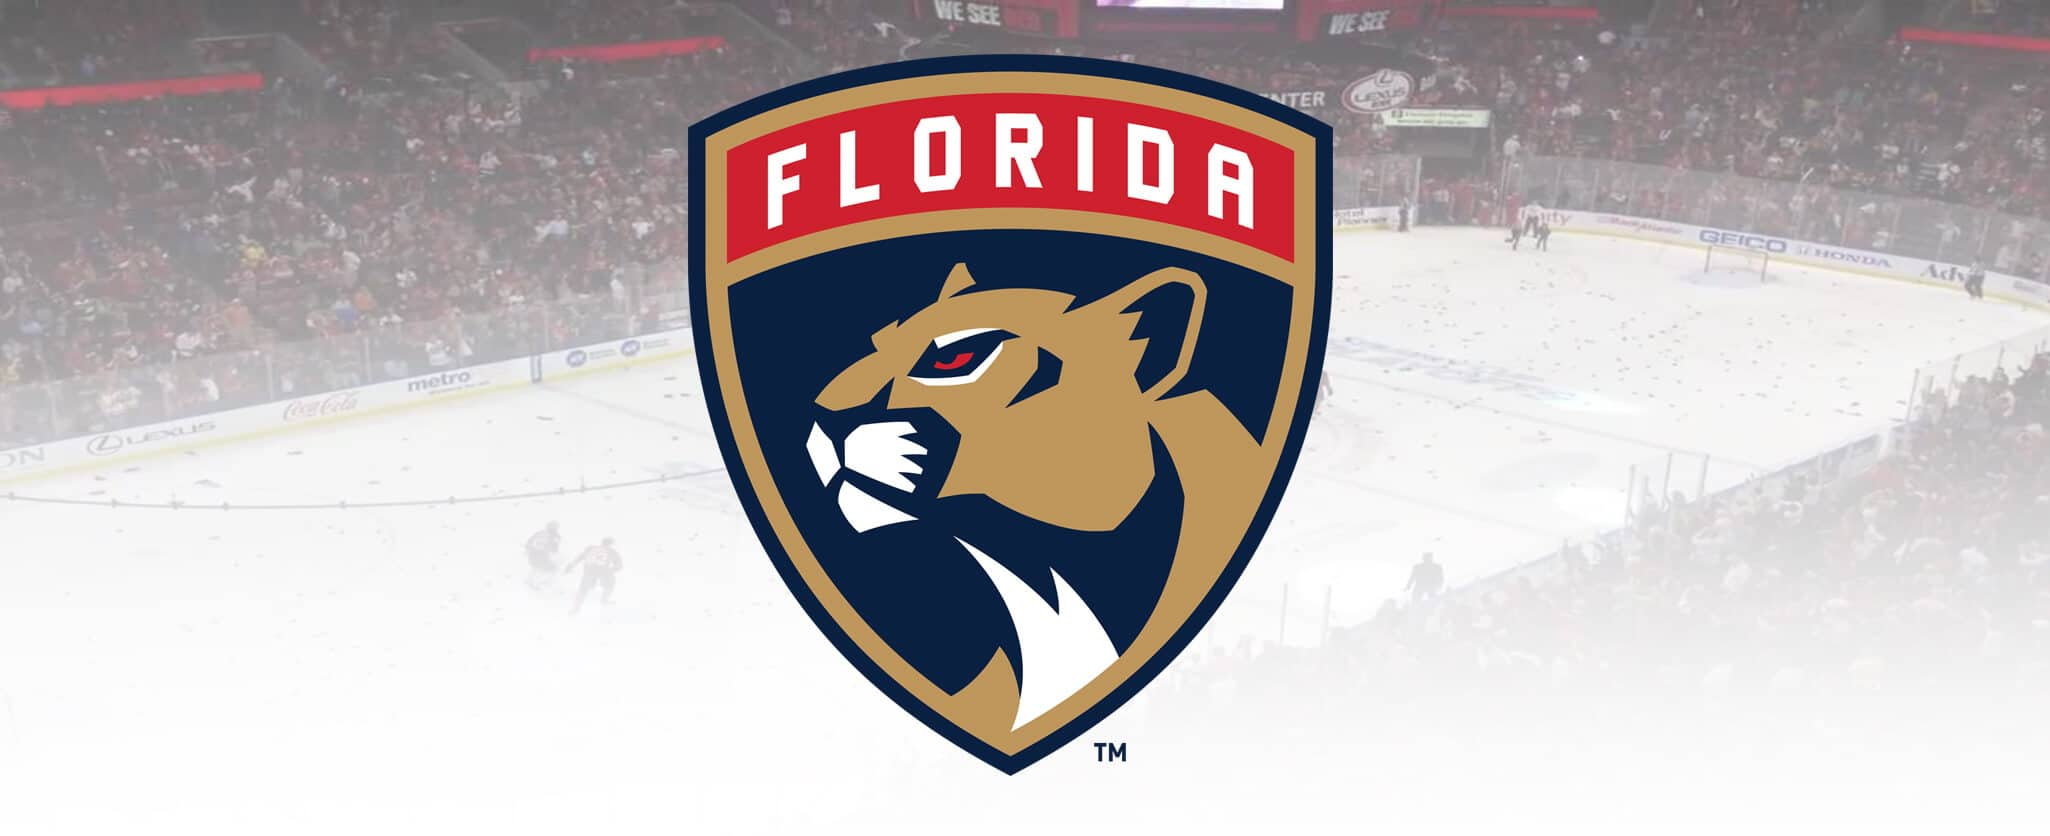 Florida Panthers